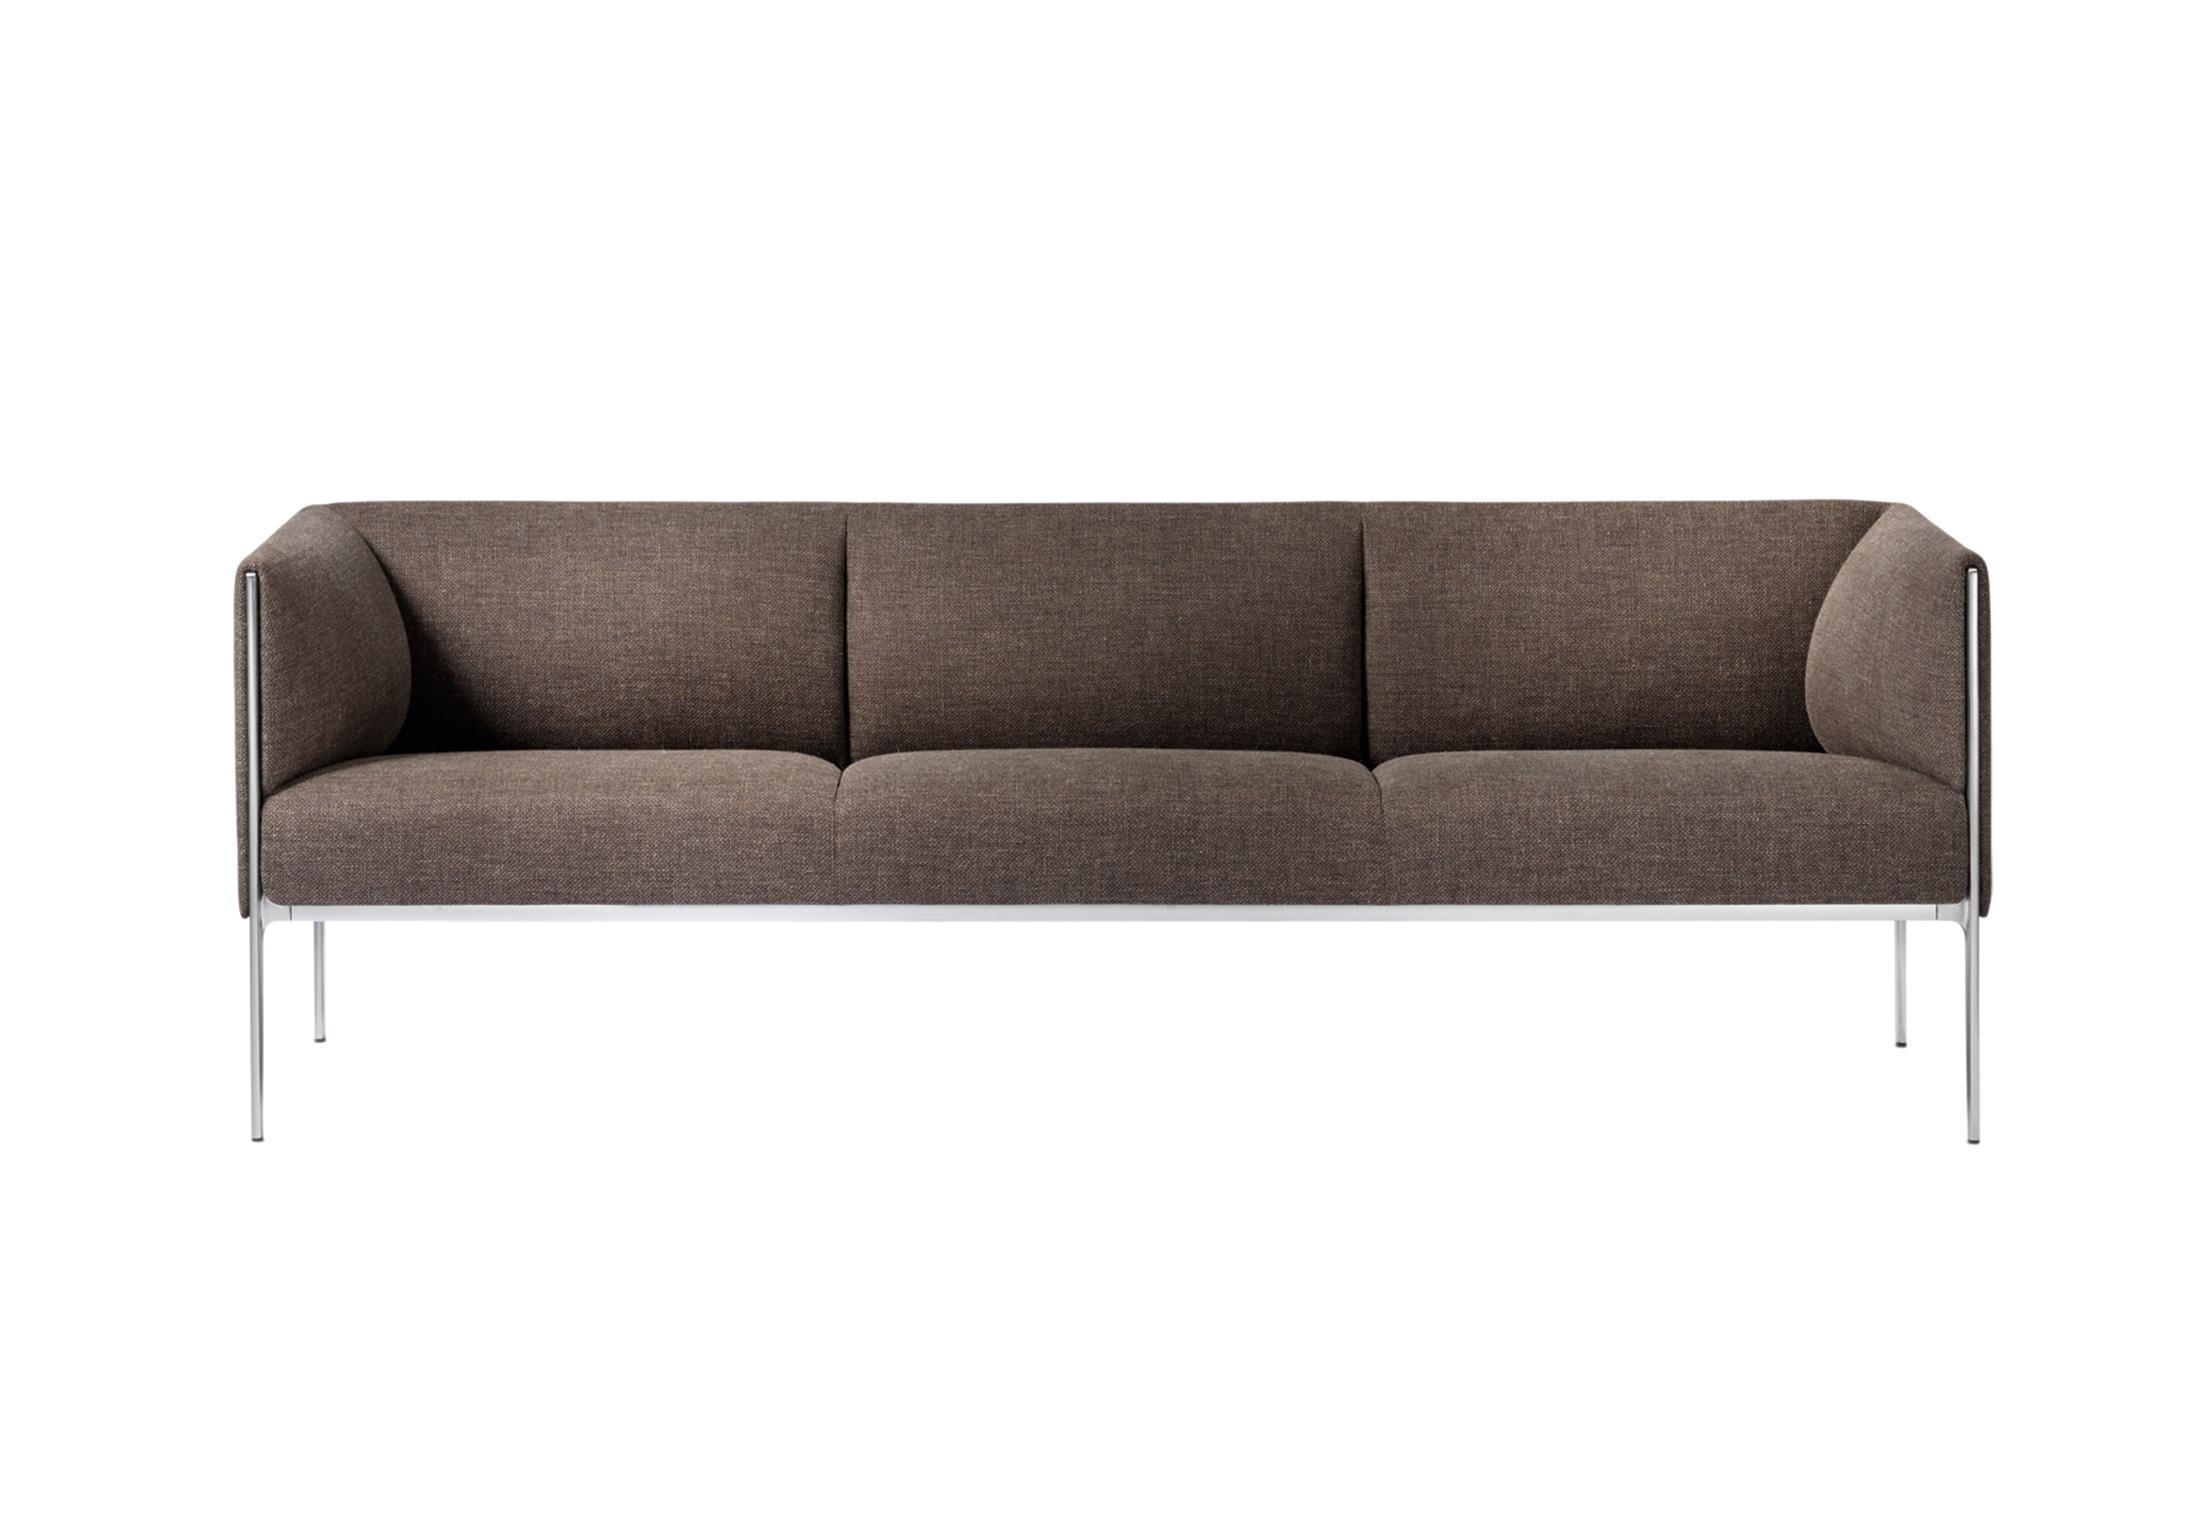 Elegant Fabulous Asienta Dreisitzer Sofa Asienta Dreisitzer Sofa With  Dreisitzer Sofa With Mintgrn Soffa